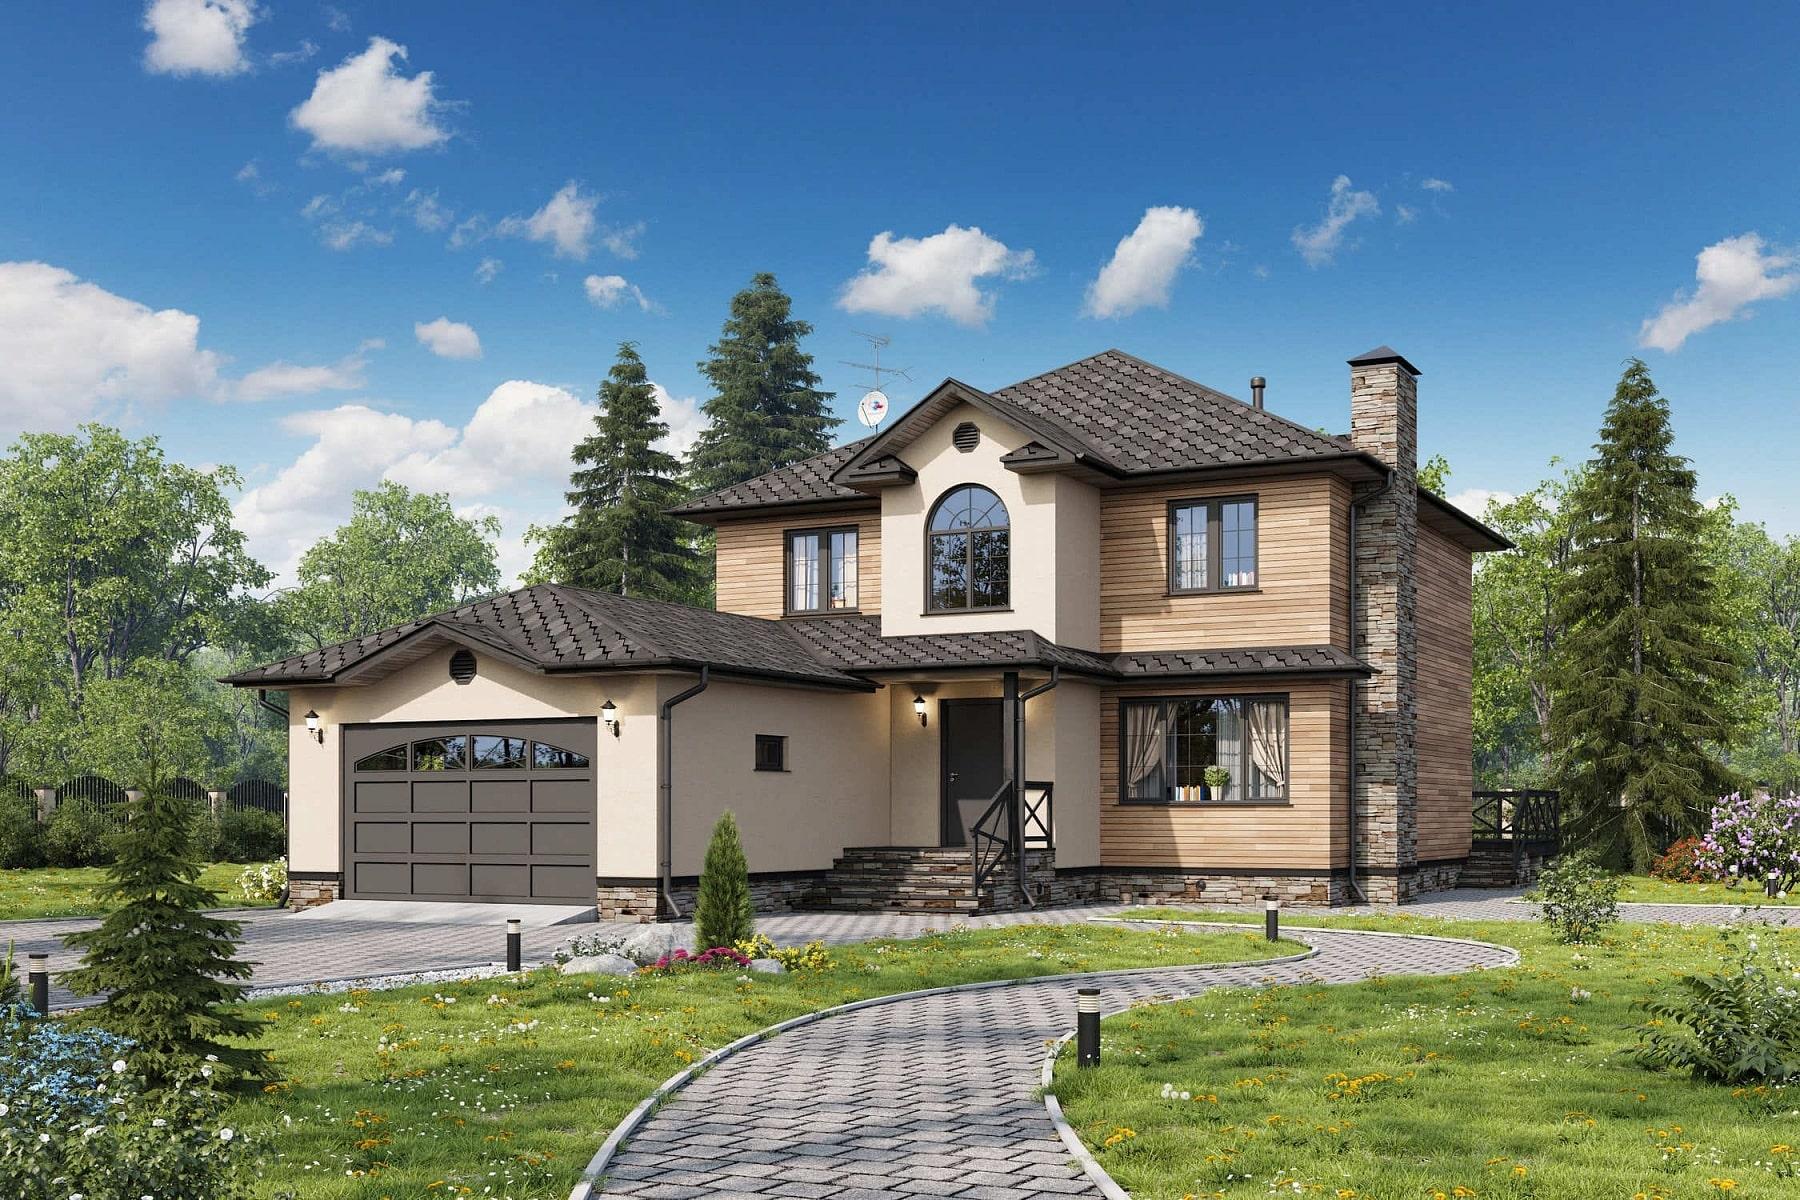 проект дома Денвер в американском стиле